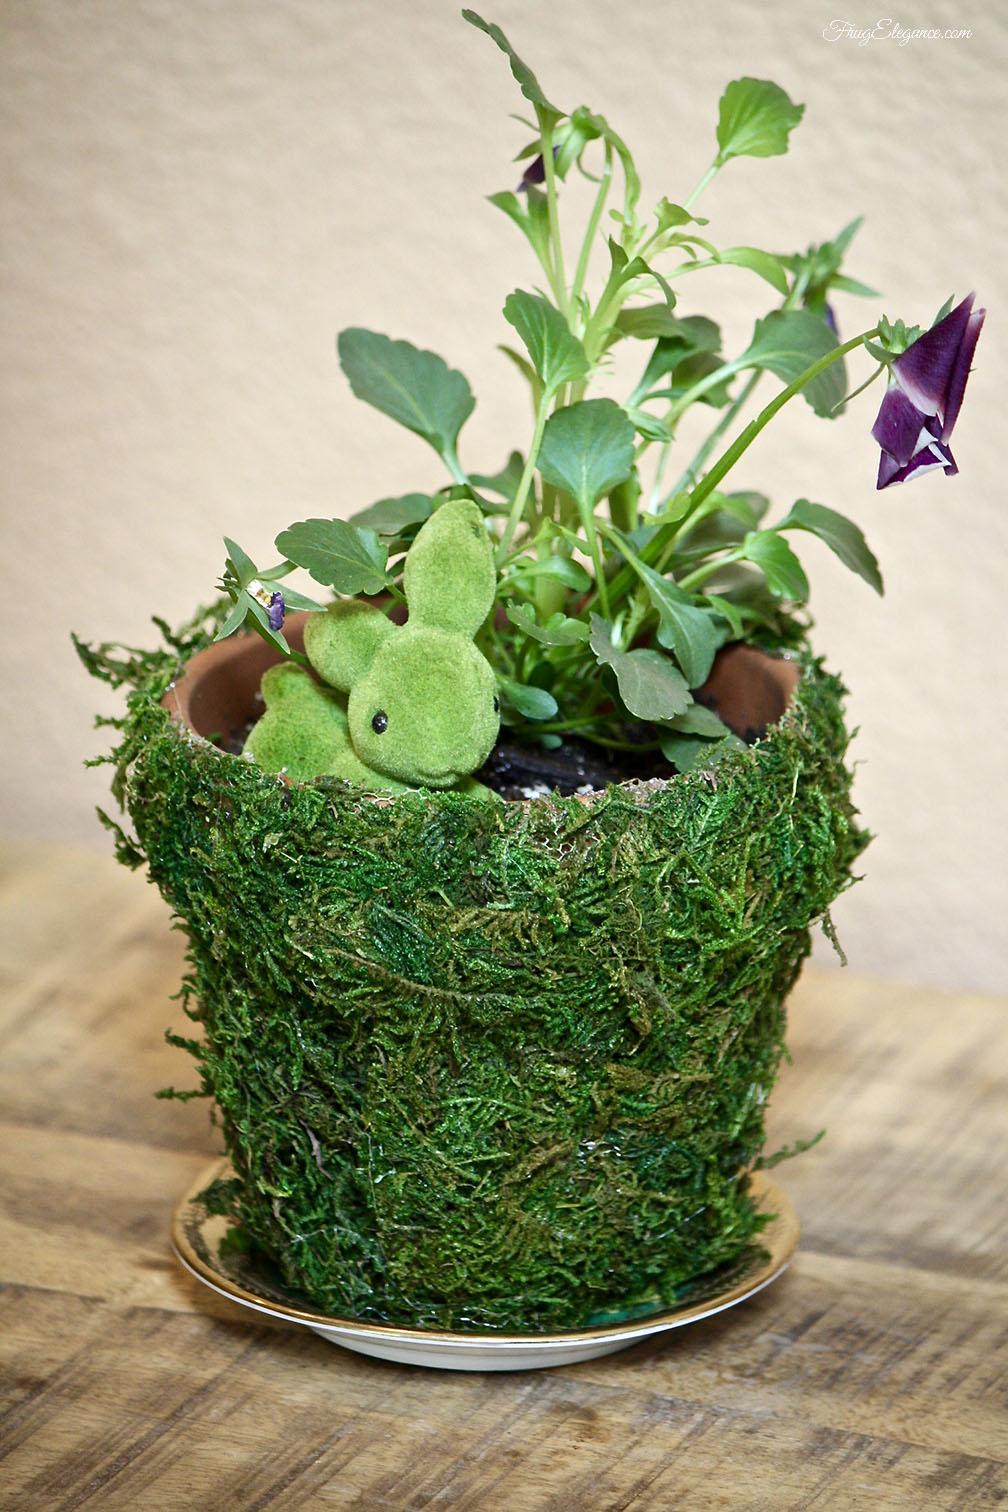 Spring Moss Covered Pots Frugelegance